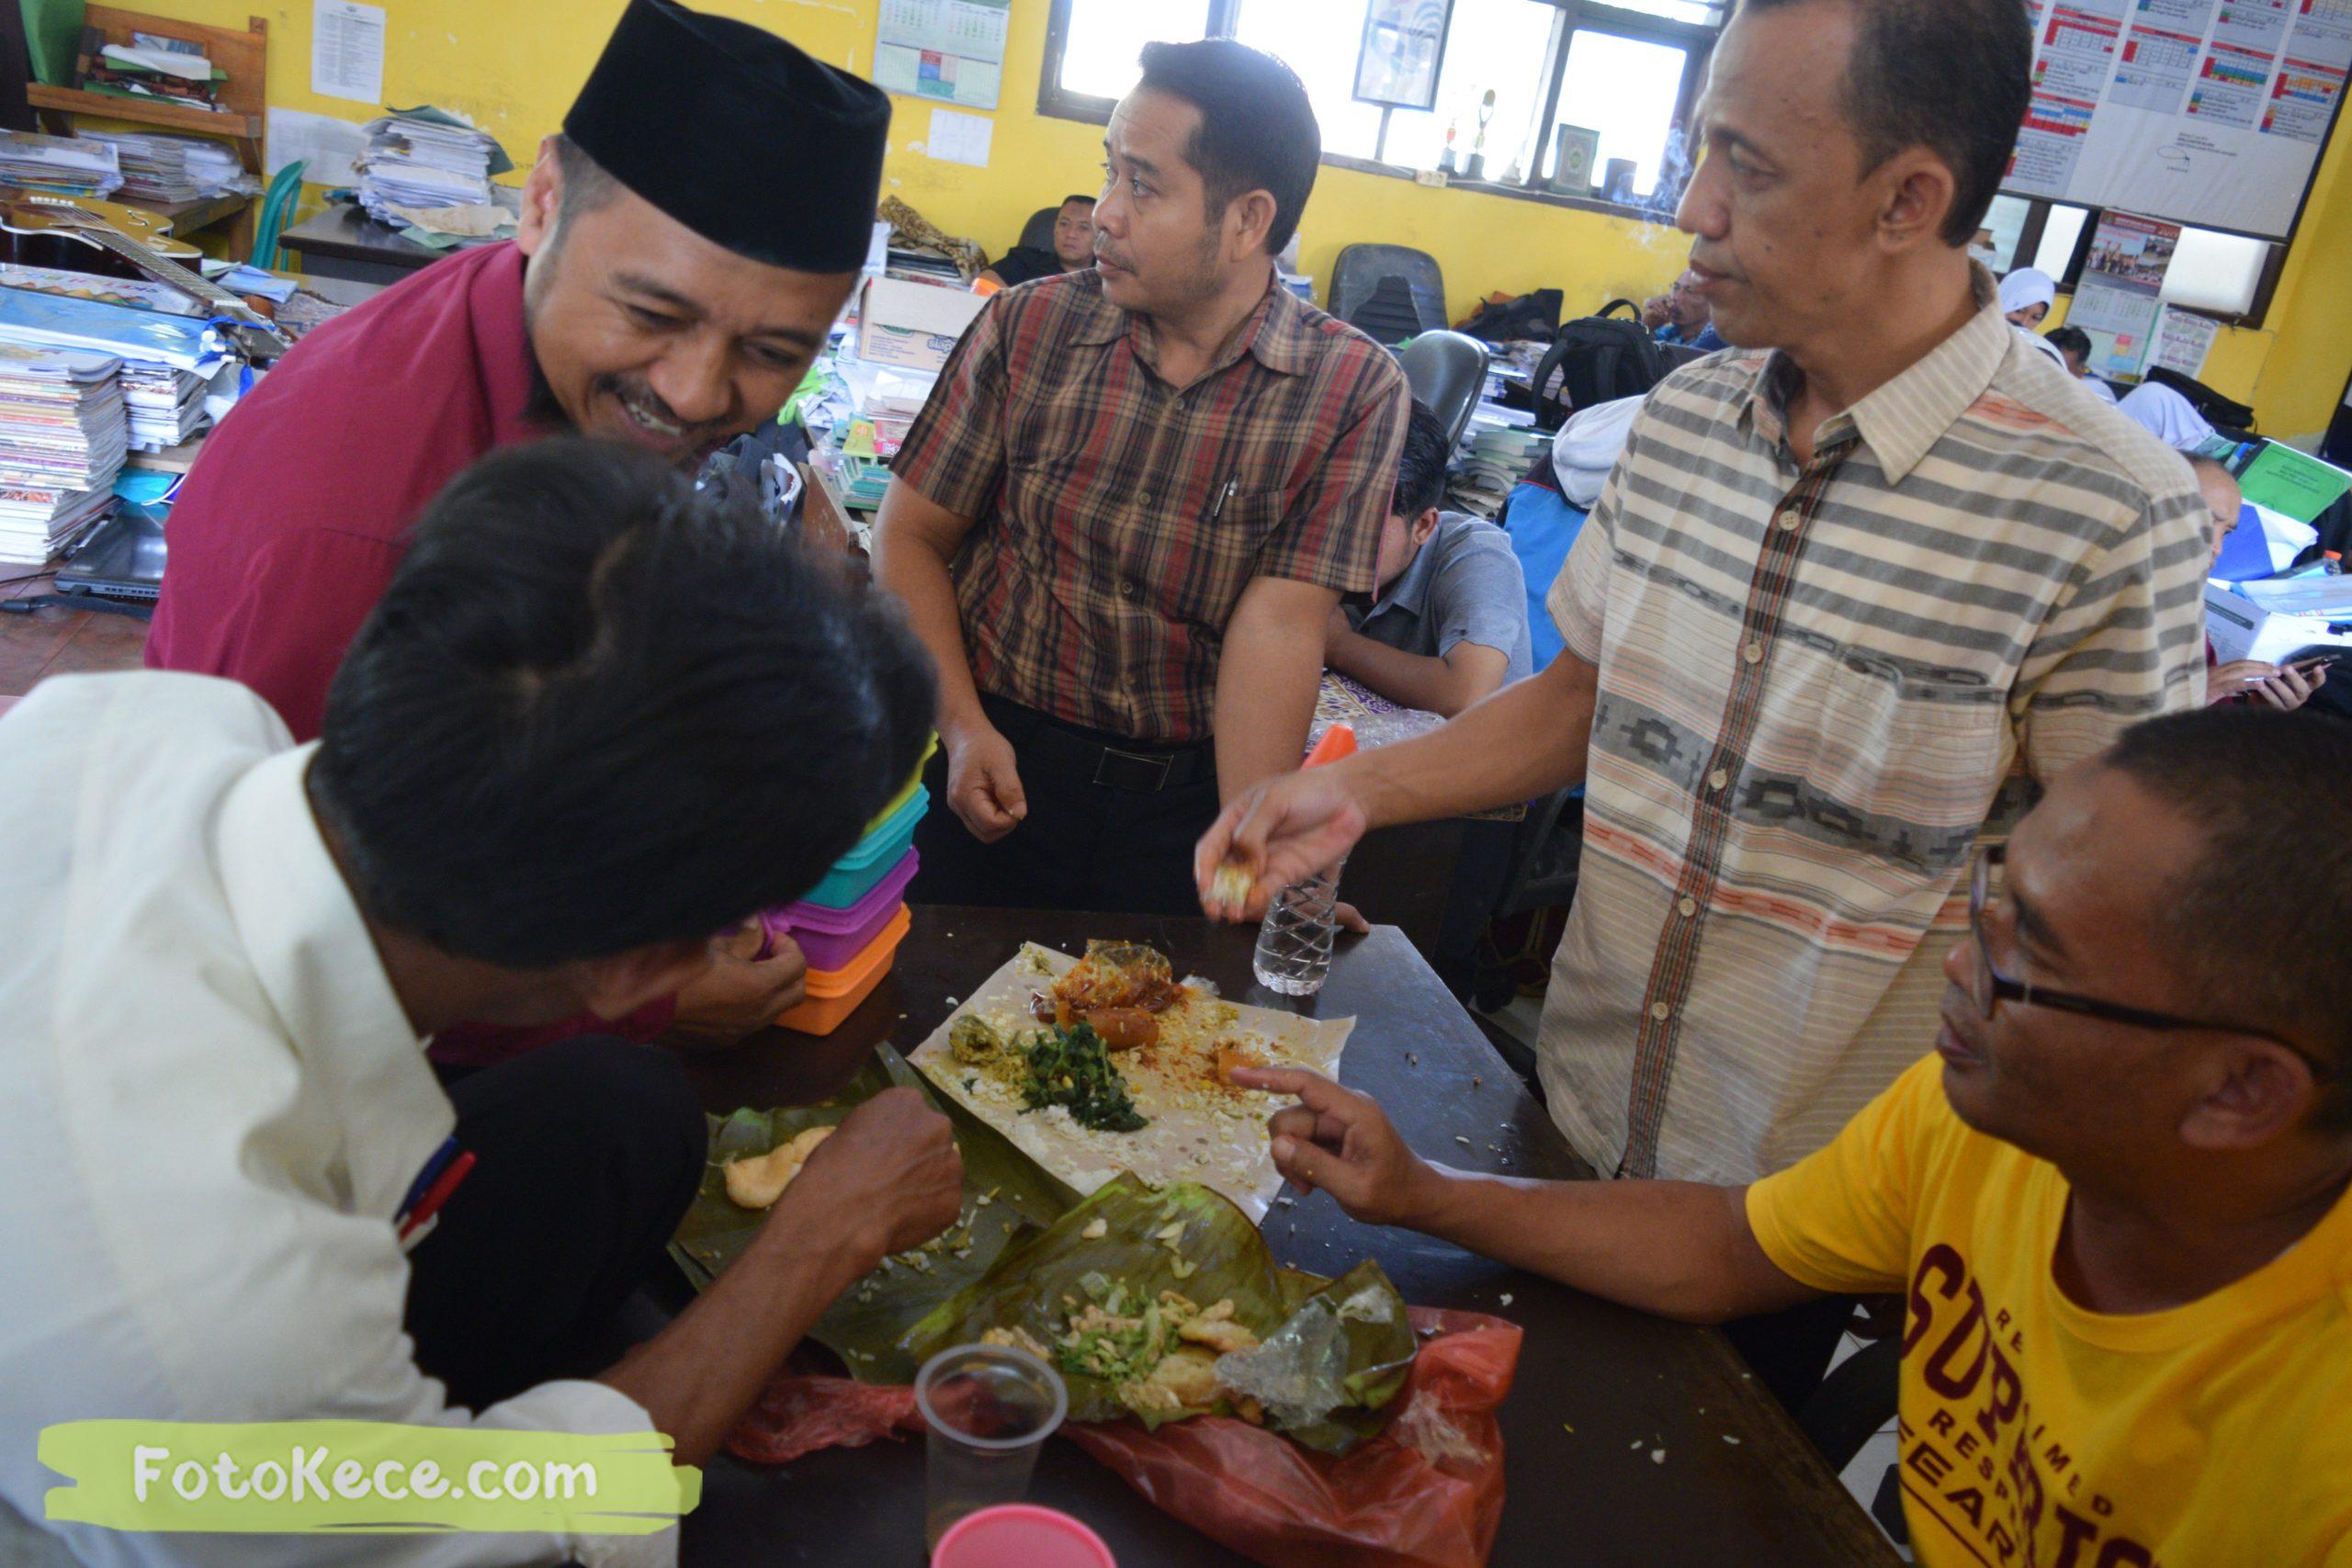 foto makan bareng sewaktu rapat komite dengan ortu 9 mtsn 2 sukabumi foto kece 05022020 38 scaled